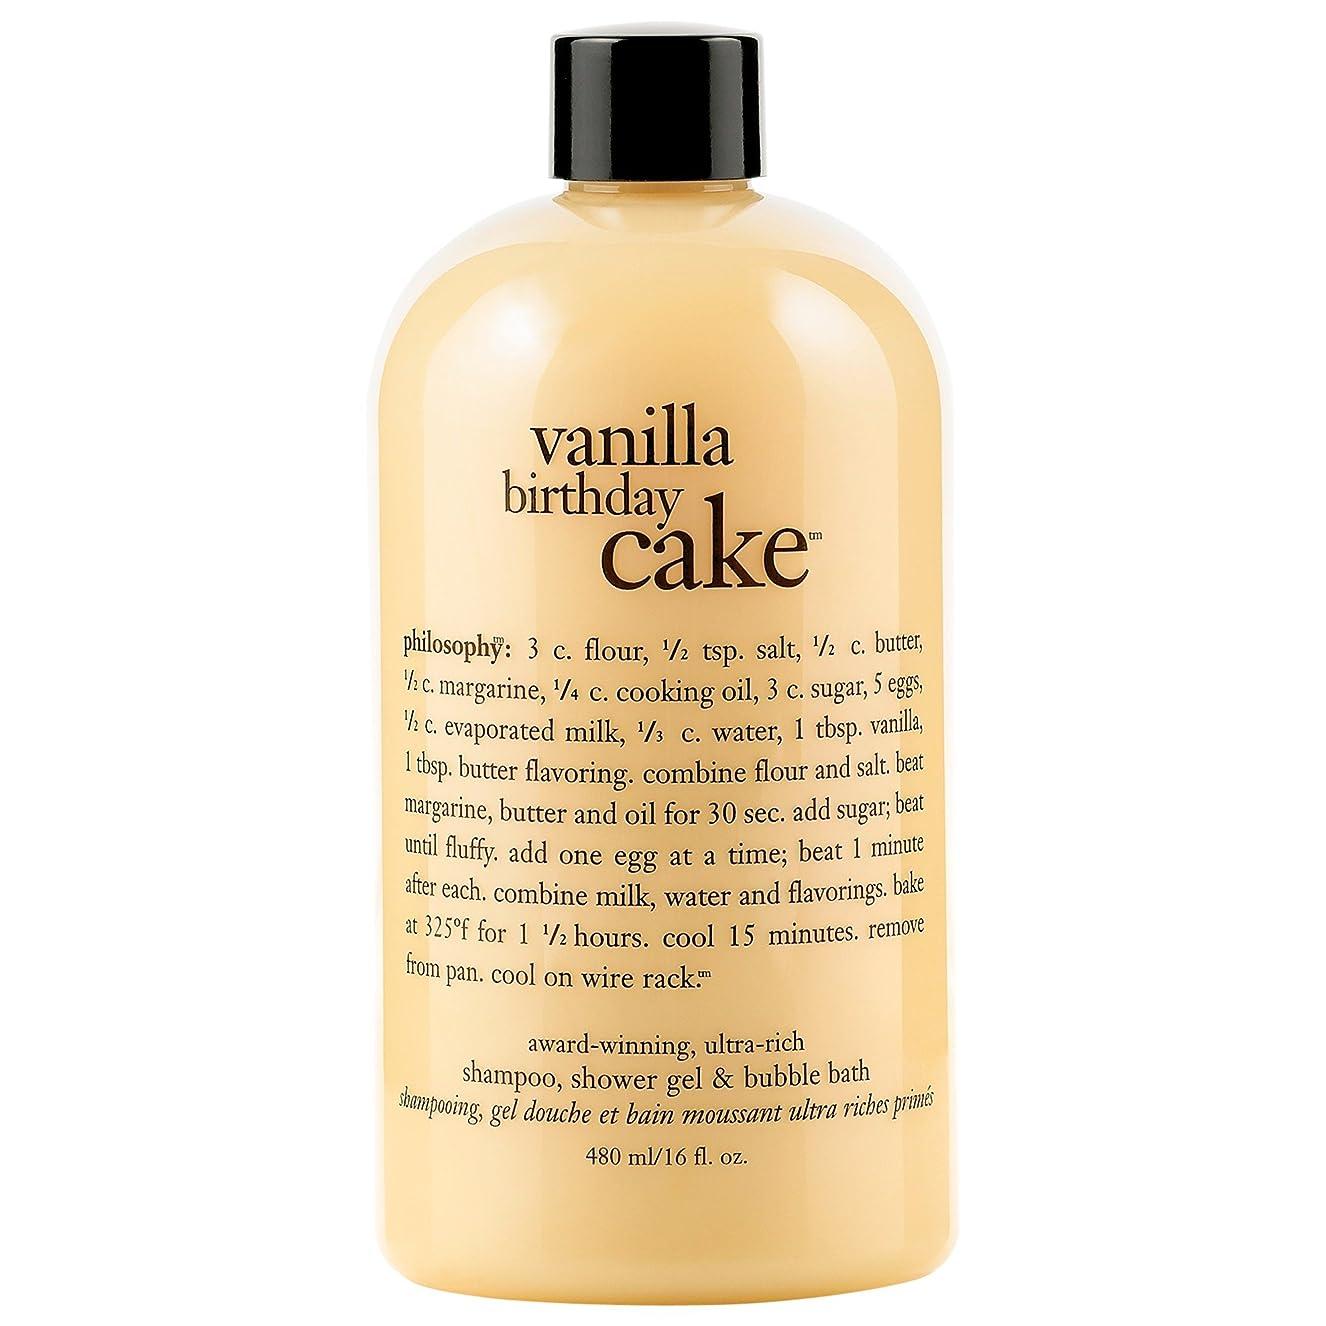 飲み込むメリーギャングスター哲学バニラバースデーケーキシャンプー/シャワージェル/バブルバス480ミリリットル (Philosophy) - Philosophy Vanilla Birthday Cake Shampoo/Shower Gel/Bubble Bath 480ml [並行輸入品]